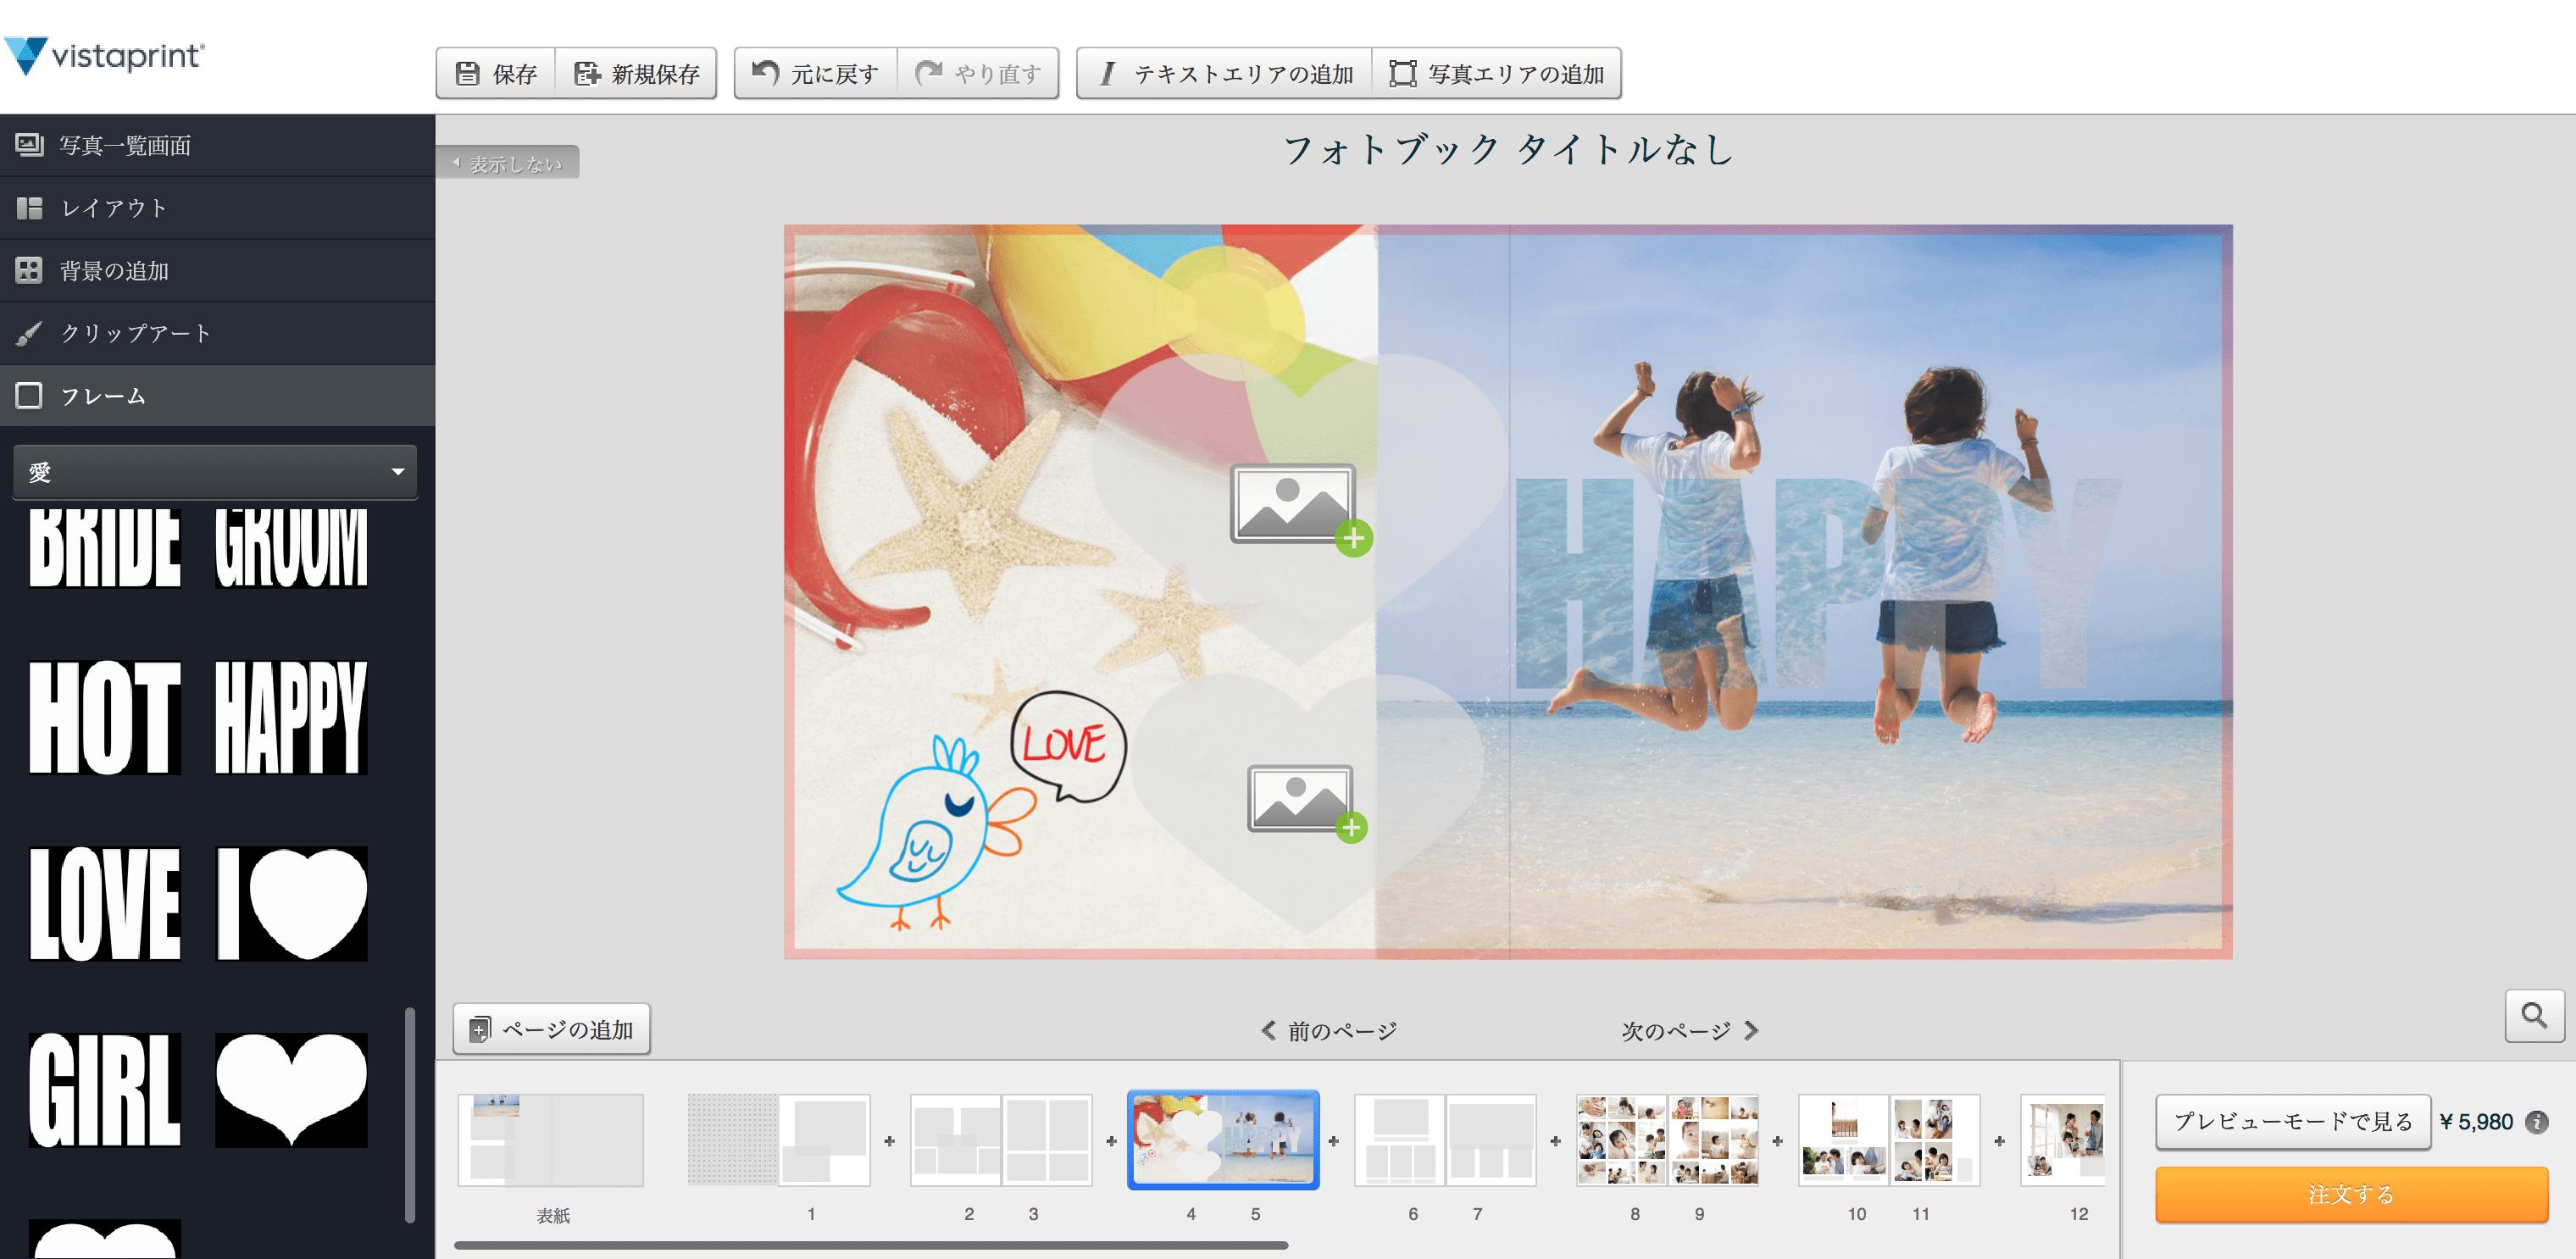 ビスタプリントオンライン編集ソフト